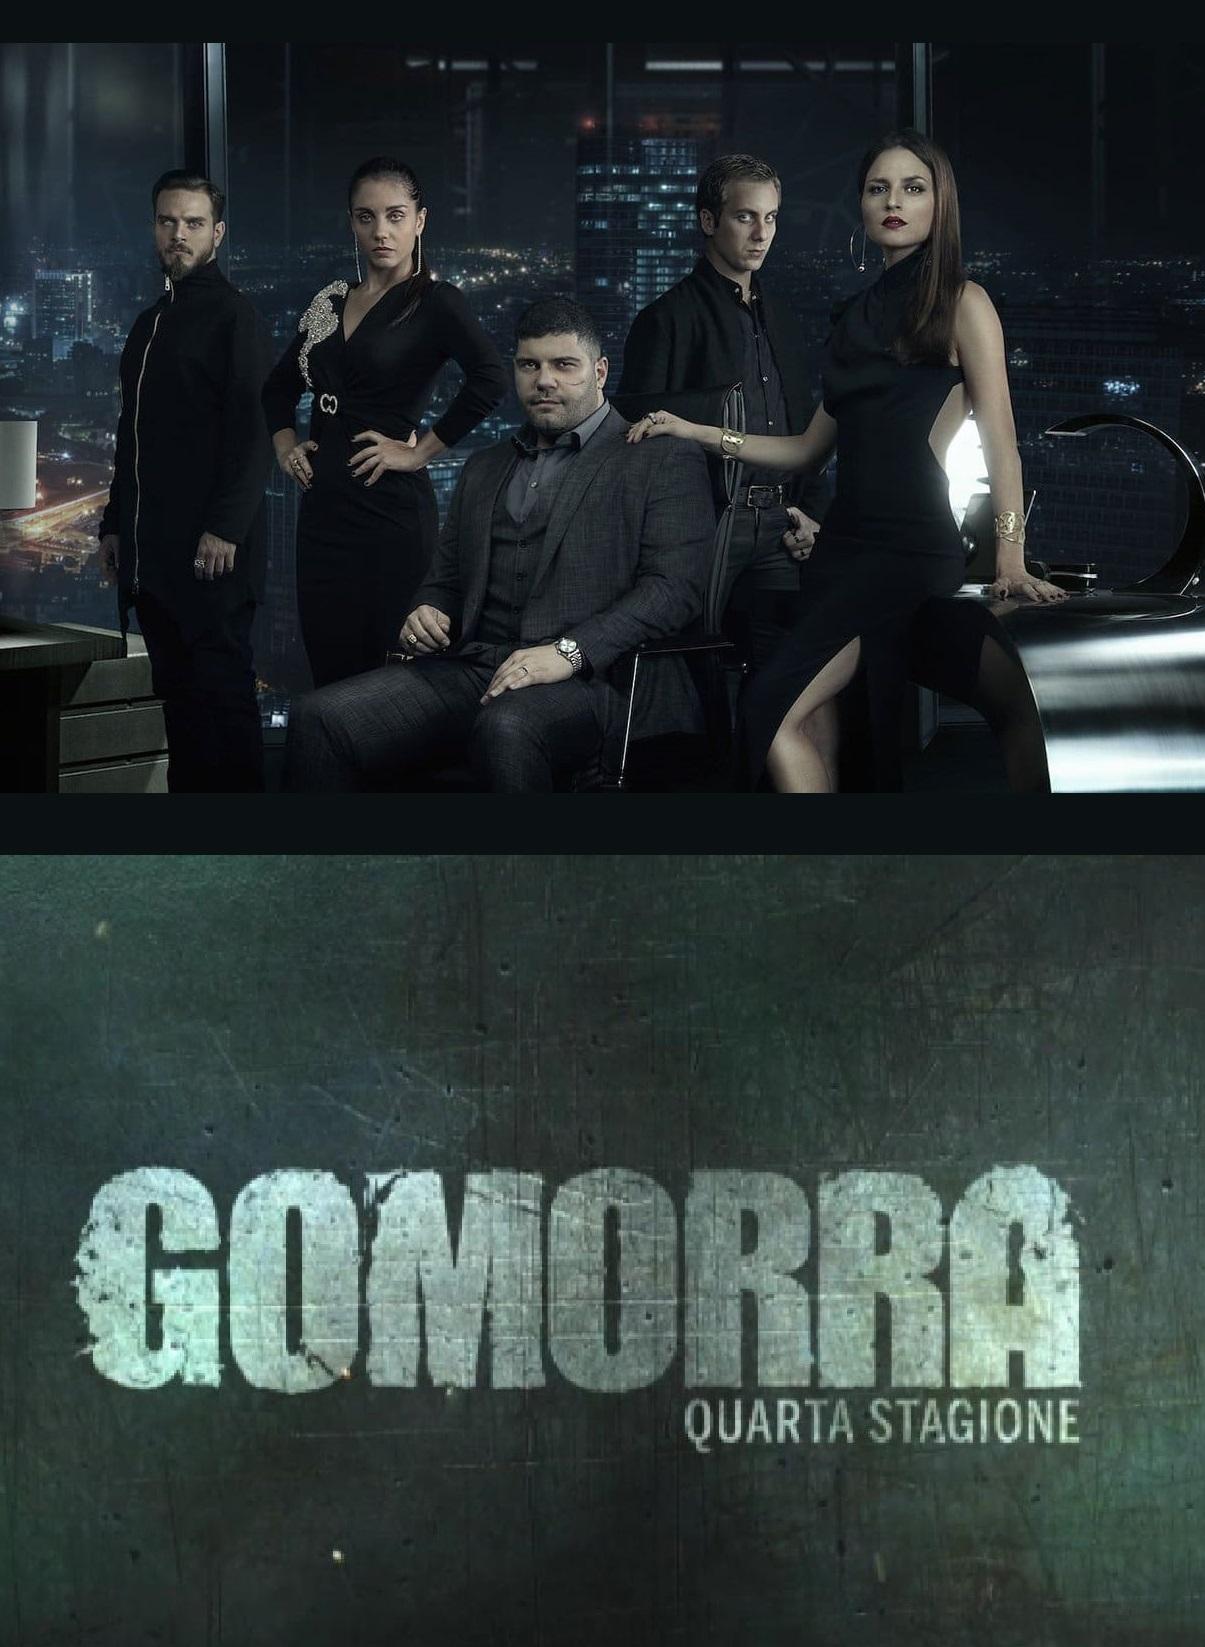 gomorra-4-il-finale-venerdi-3-maggio-chi-e-o-maestrale_2257741.jpg